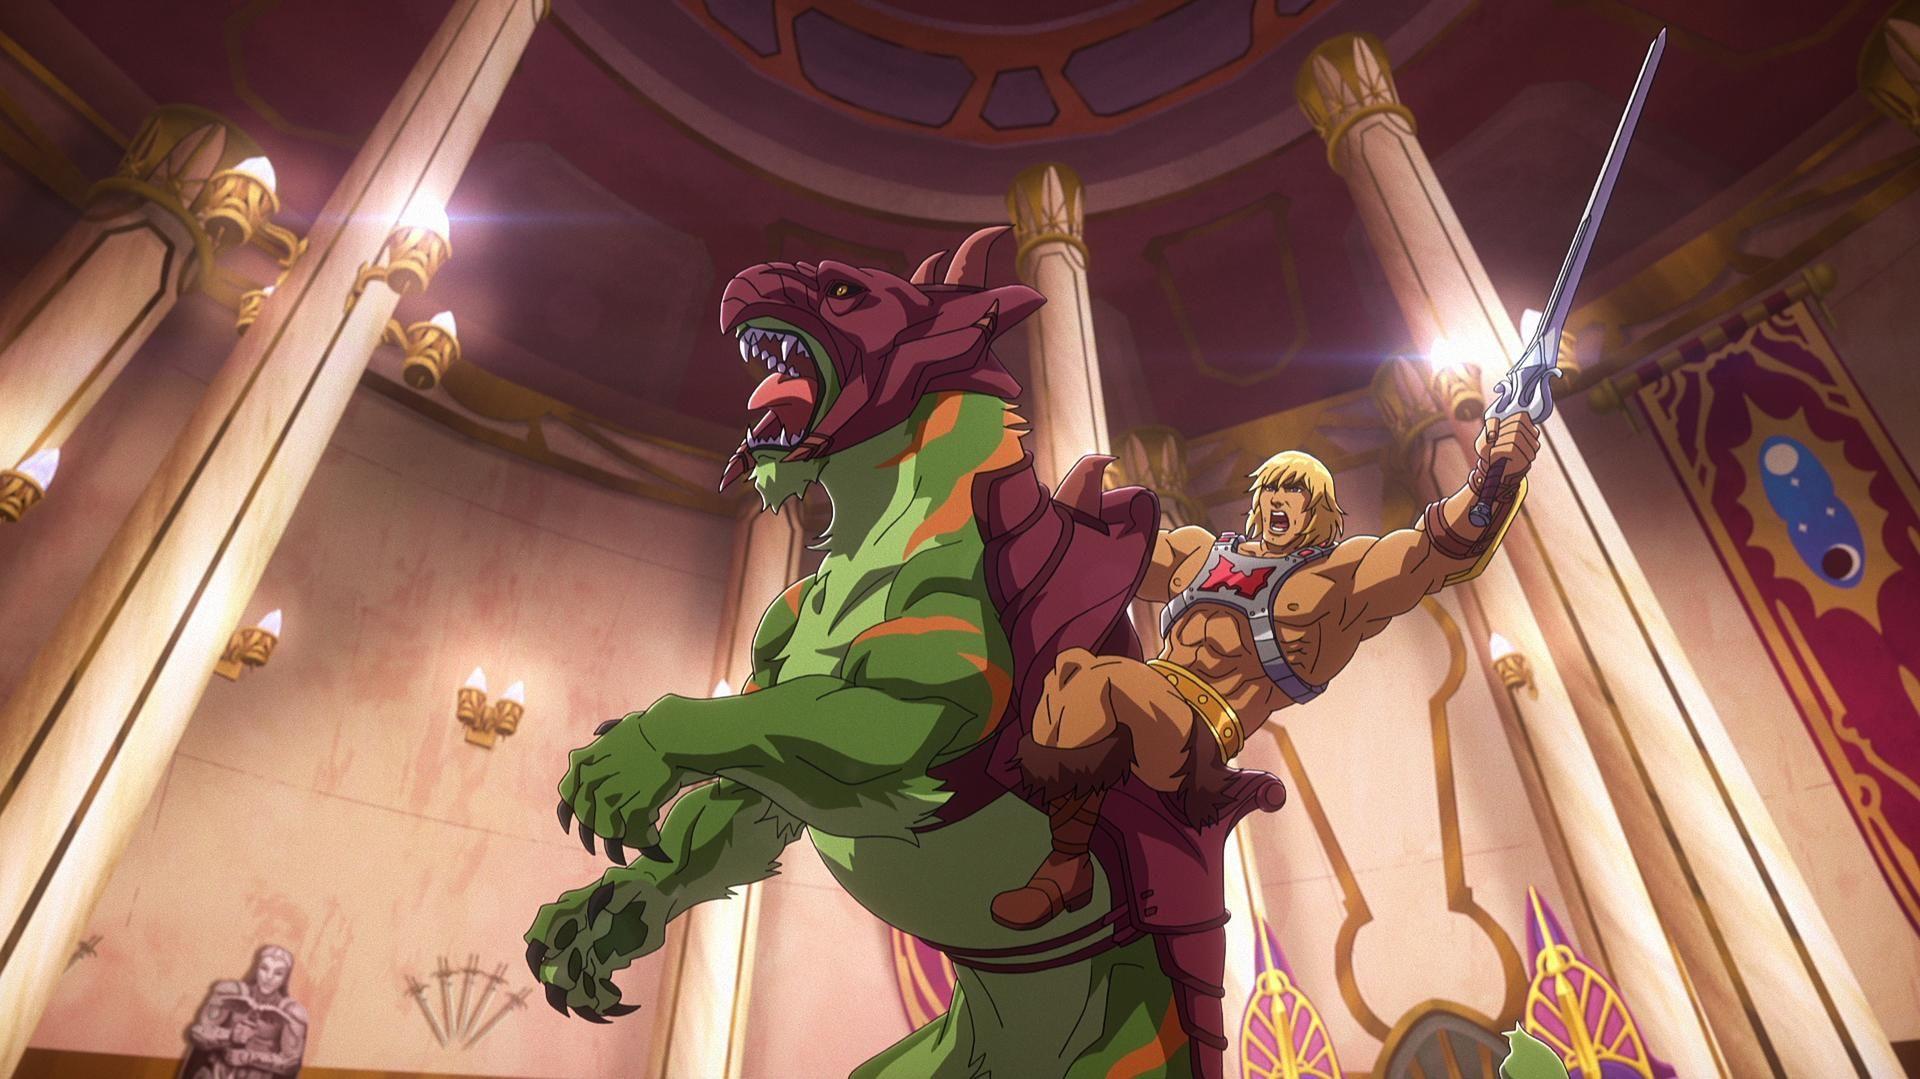 Mestres do Universo: Imagens de análise inicial revelam He-Man e Skeletor 1